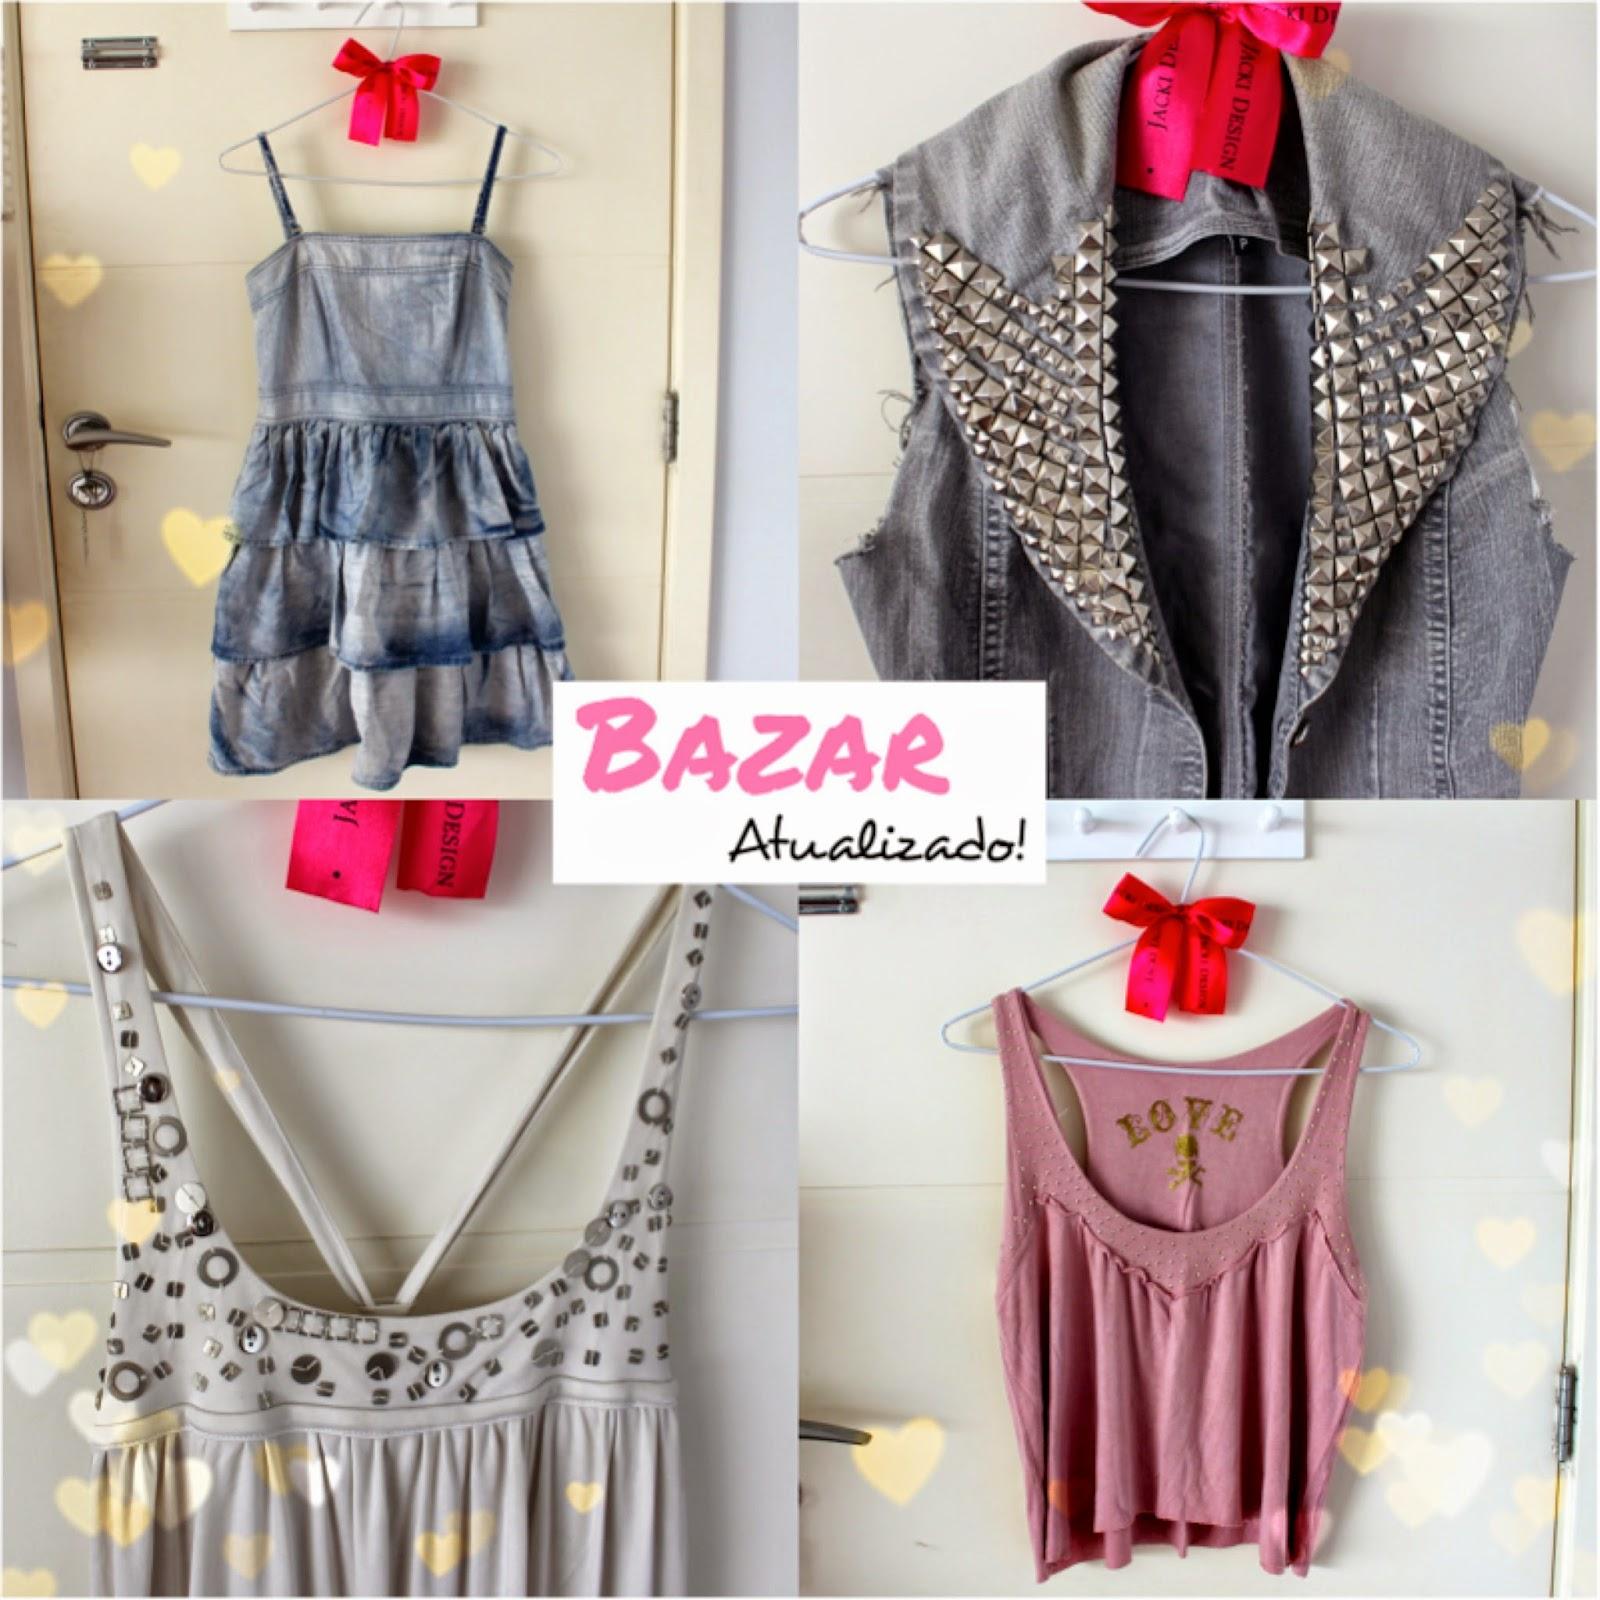 bazar do blog